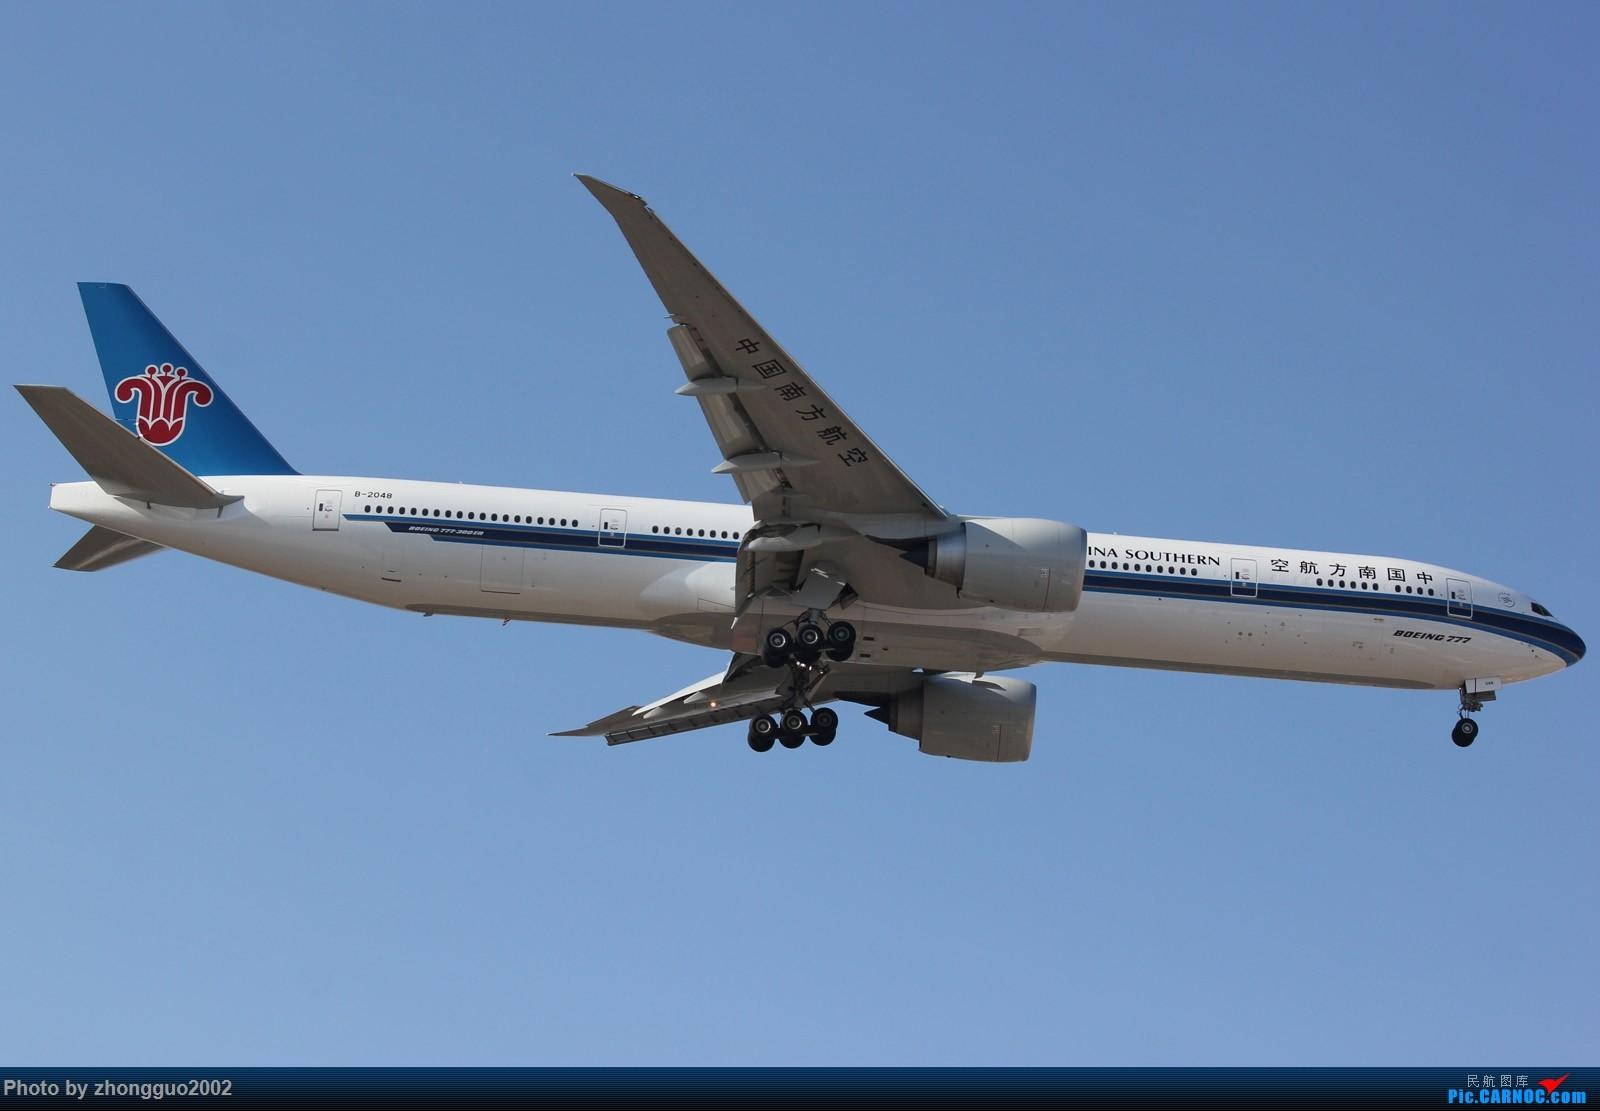 """Re:[原创]北京强劲的偏北风,把庞大的A380都""""吹""""的复飞了,我还是第一次见到,好天气再发点图吧! BOEING 777-300ER B-2048 中国北京首都国际机场"""